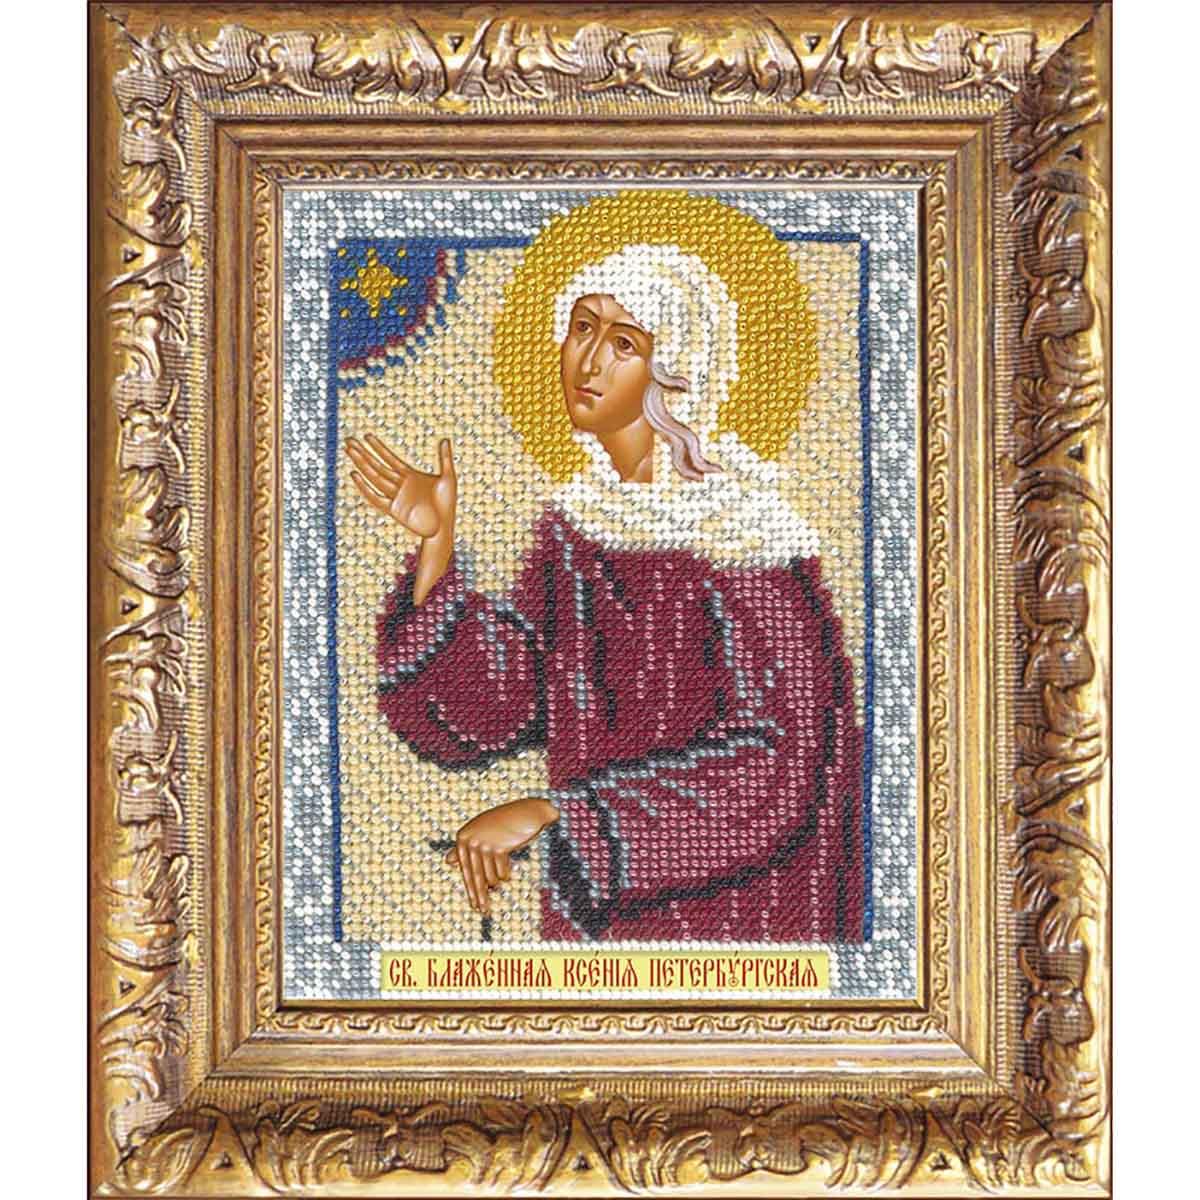 205 Набор для вышивания бисером 12,5*16,3см (Св.Ксения Петербургская, арт.БИ-200)